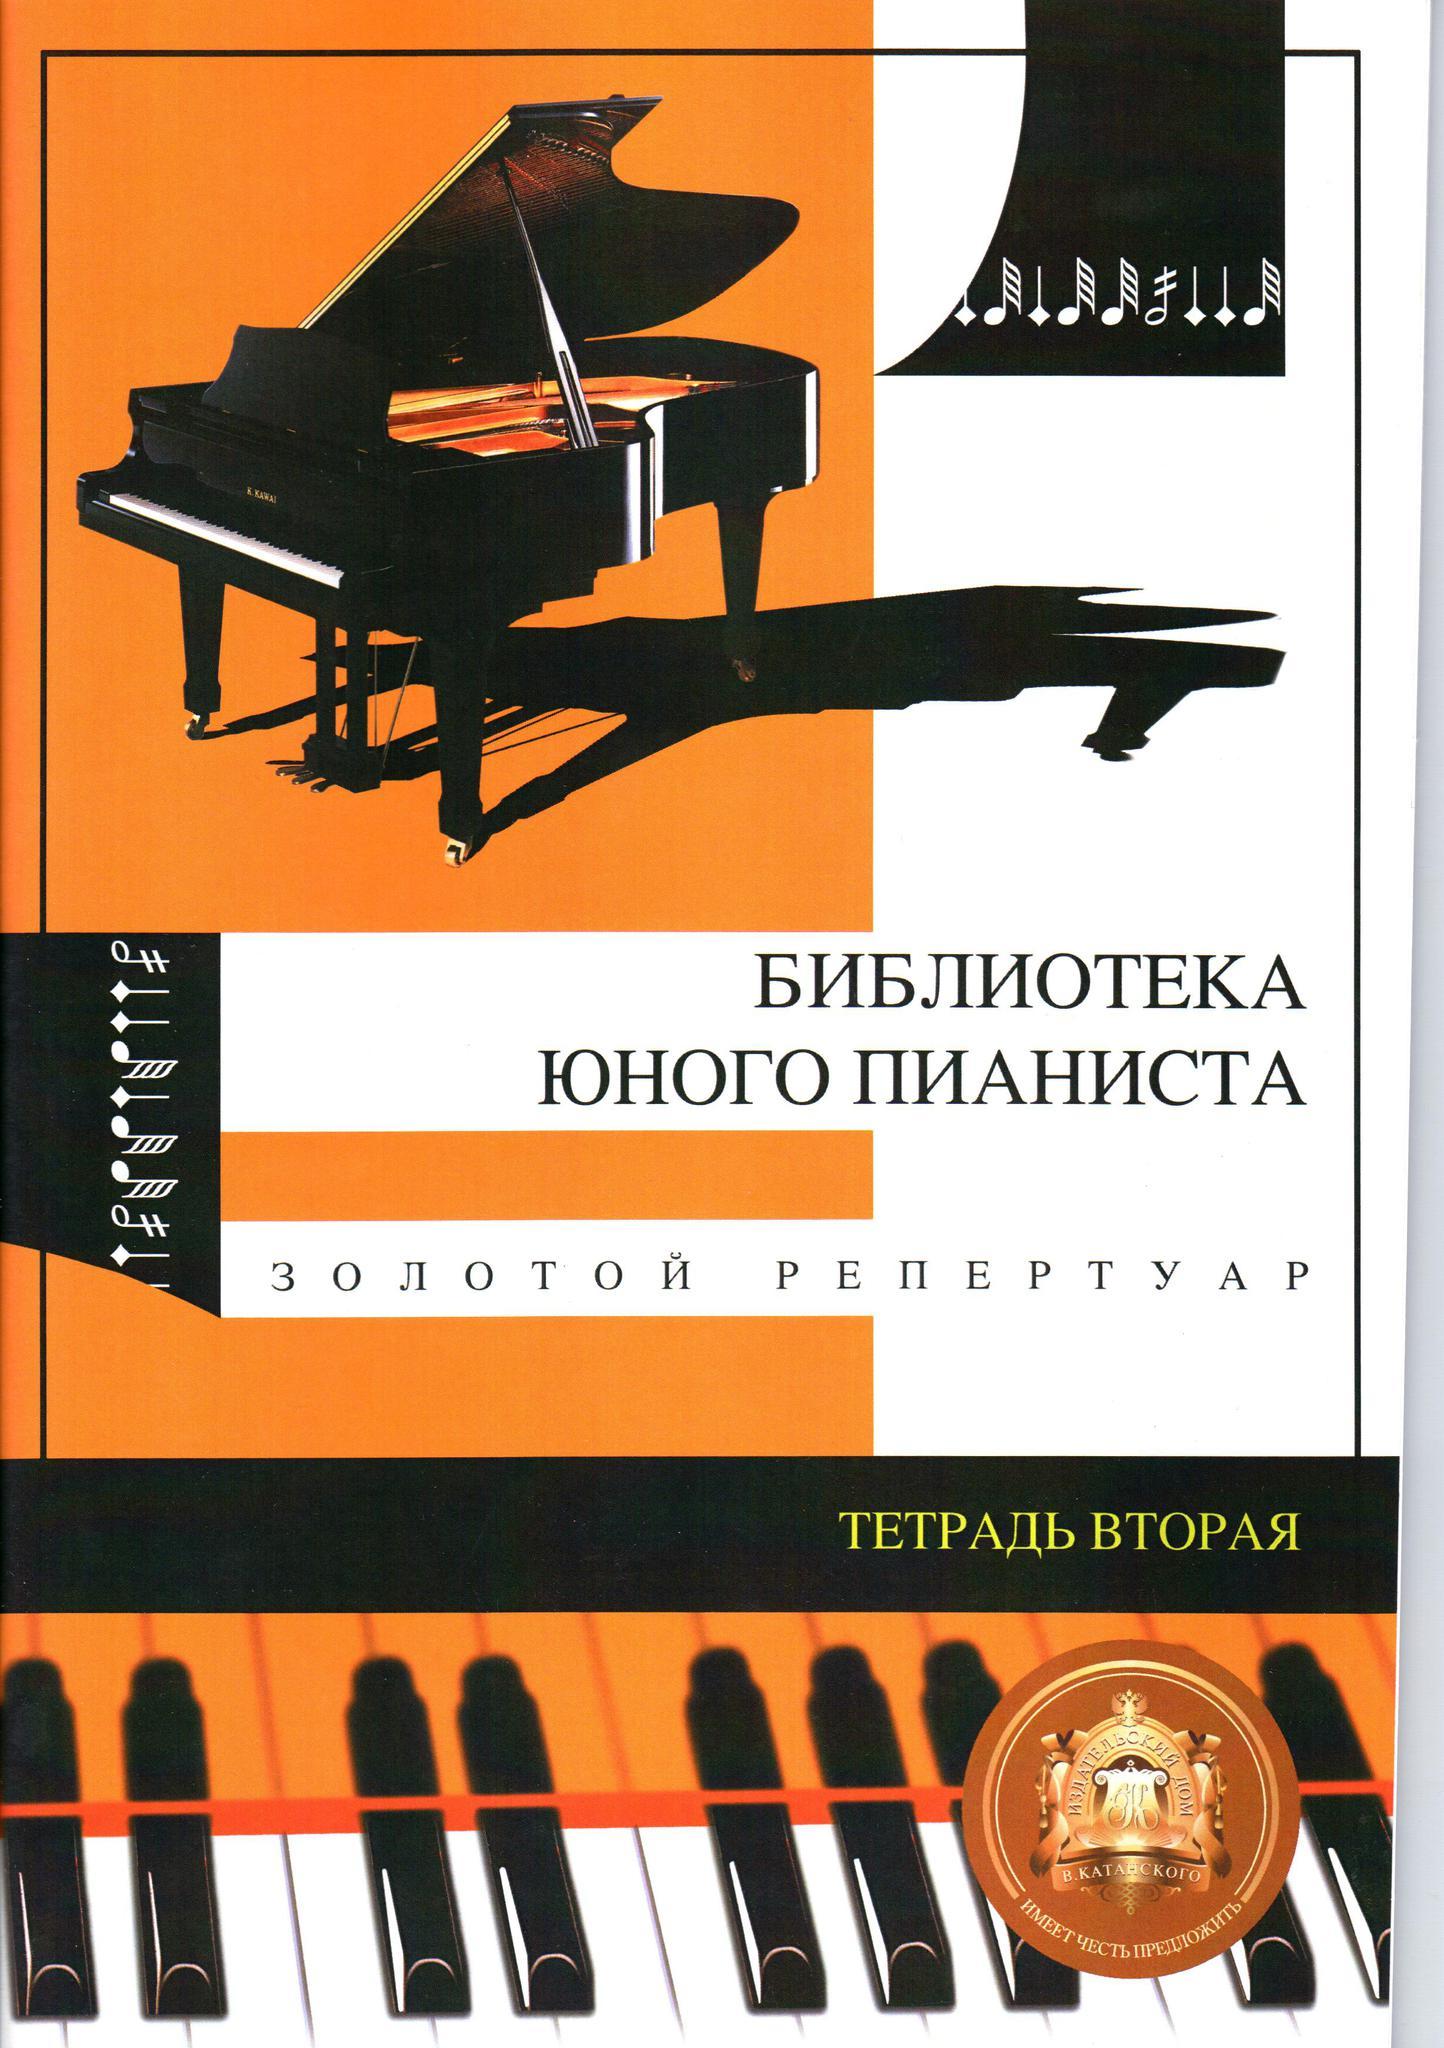 Катанский А. В. Библиотека юного пианиста. Золотой репертуар. Тетрадь 2.